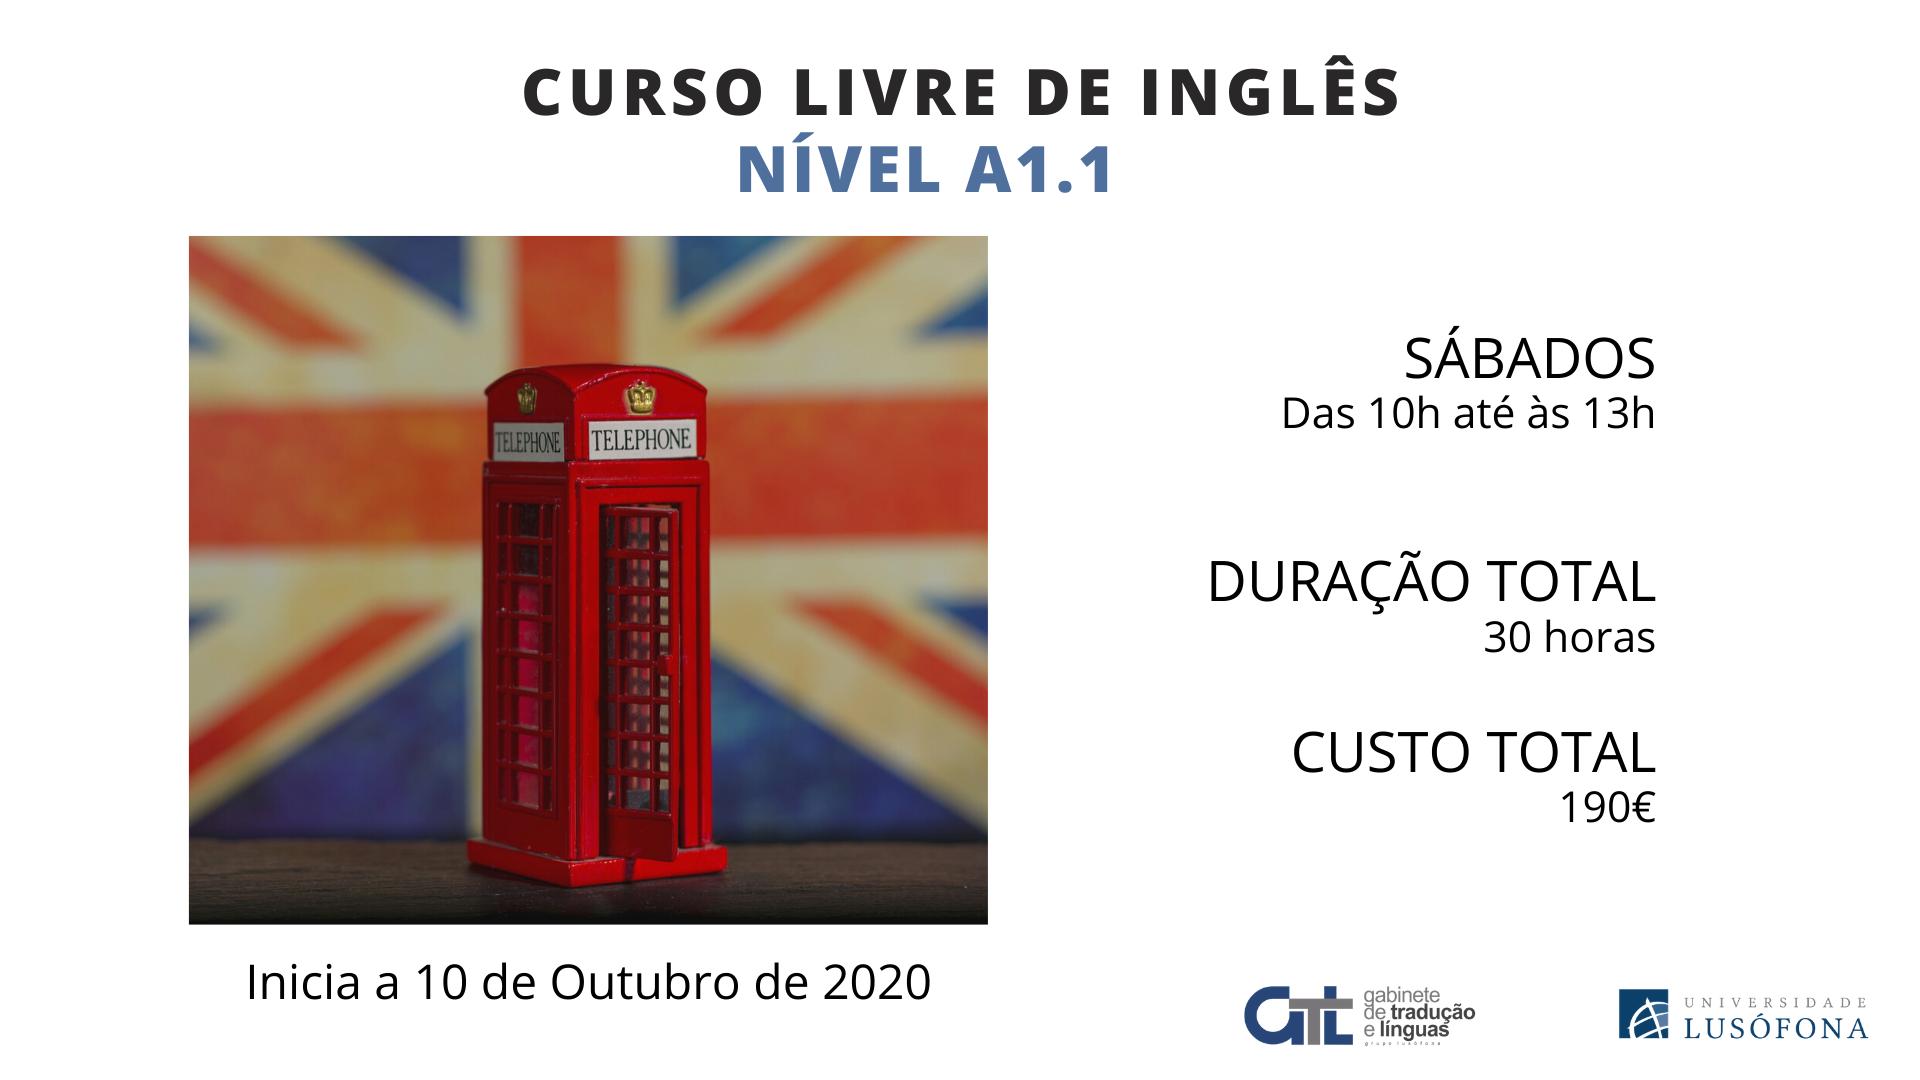 Curso Livre de Inglês – Nível A1.1